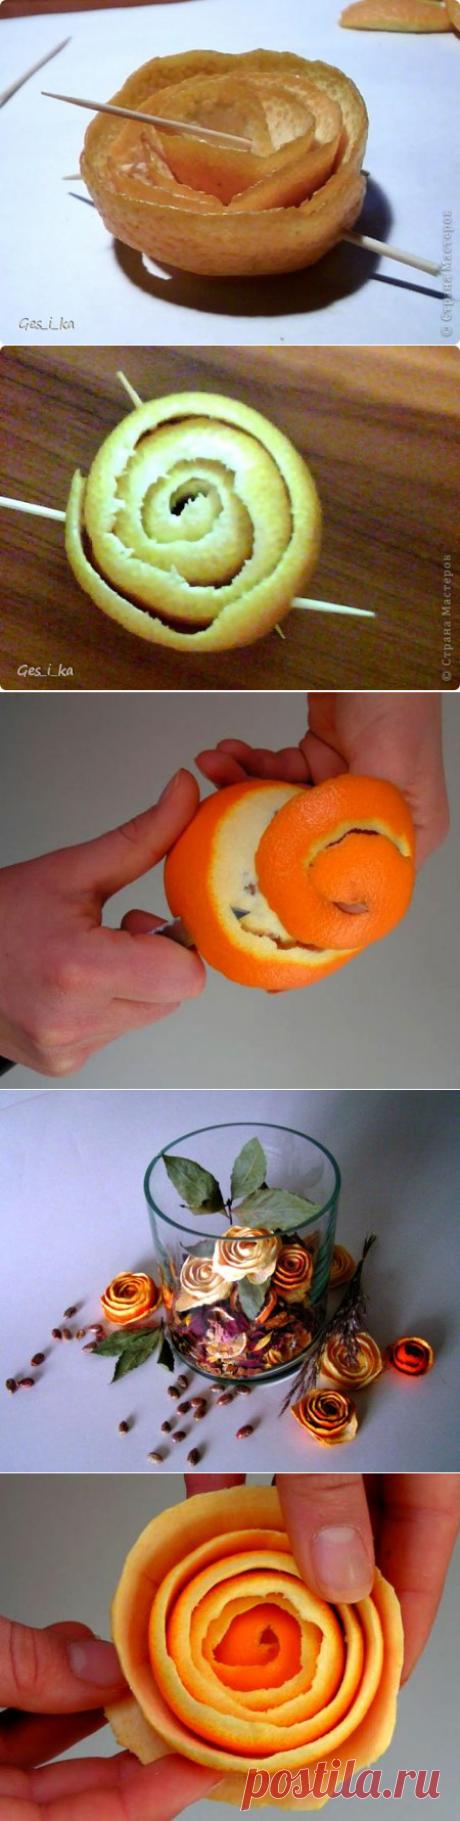 Все про апельсиновые розы